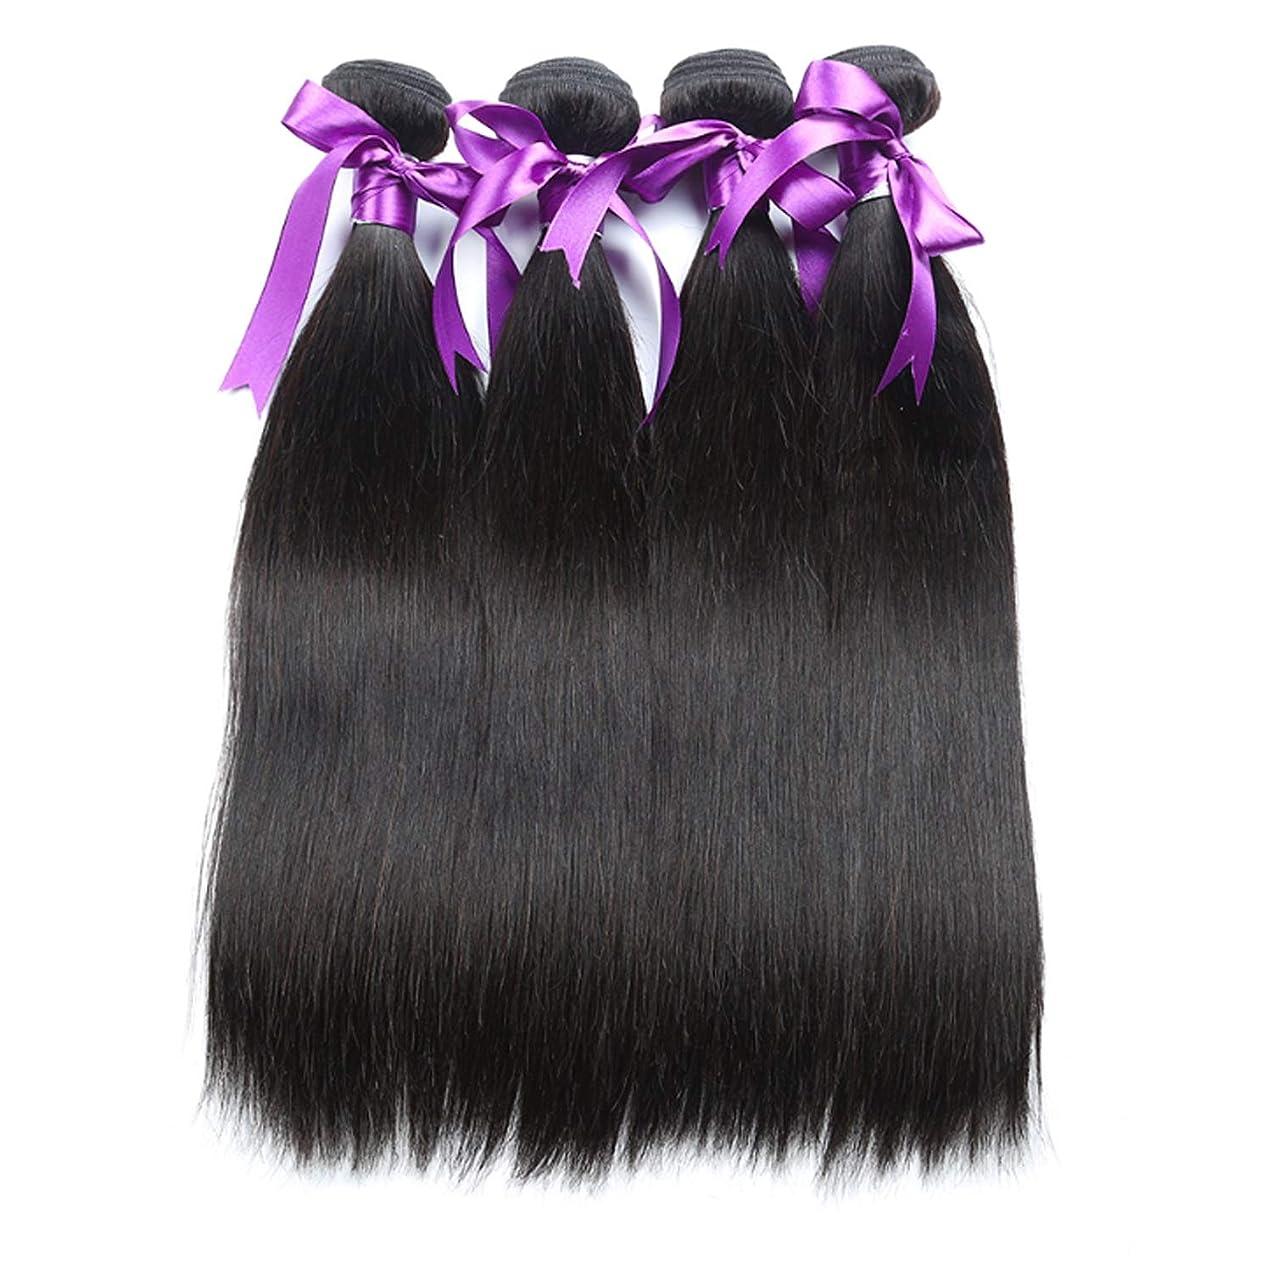 適応する若いスプリット人毛バンドルブラジルストレートヘア非レミーヘアエクステンションナチュラルブラックヘアエクステンション4個 かつら (Length : 24 26 28 28)